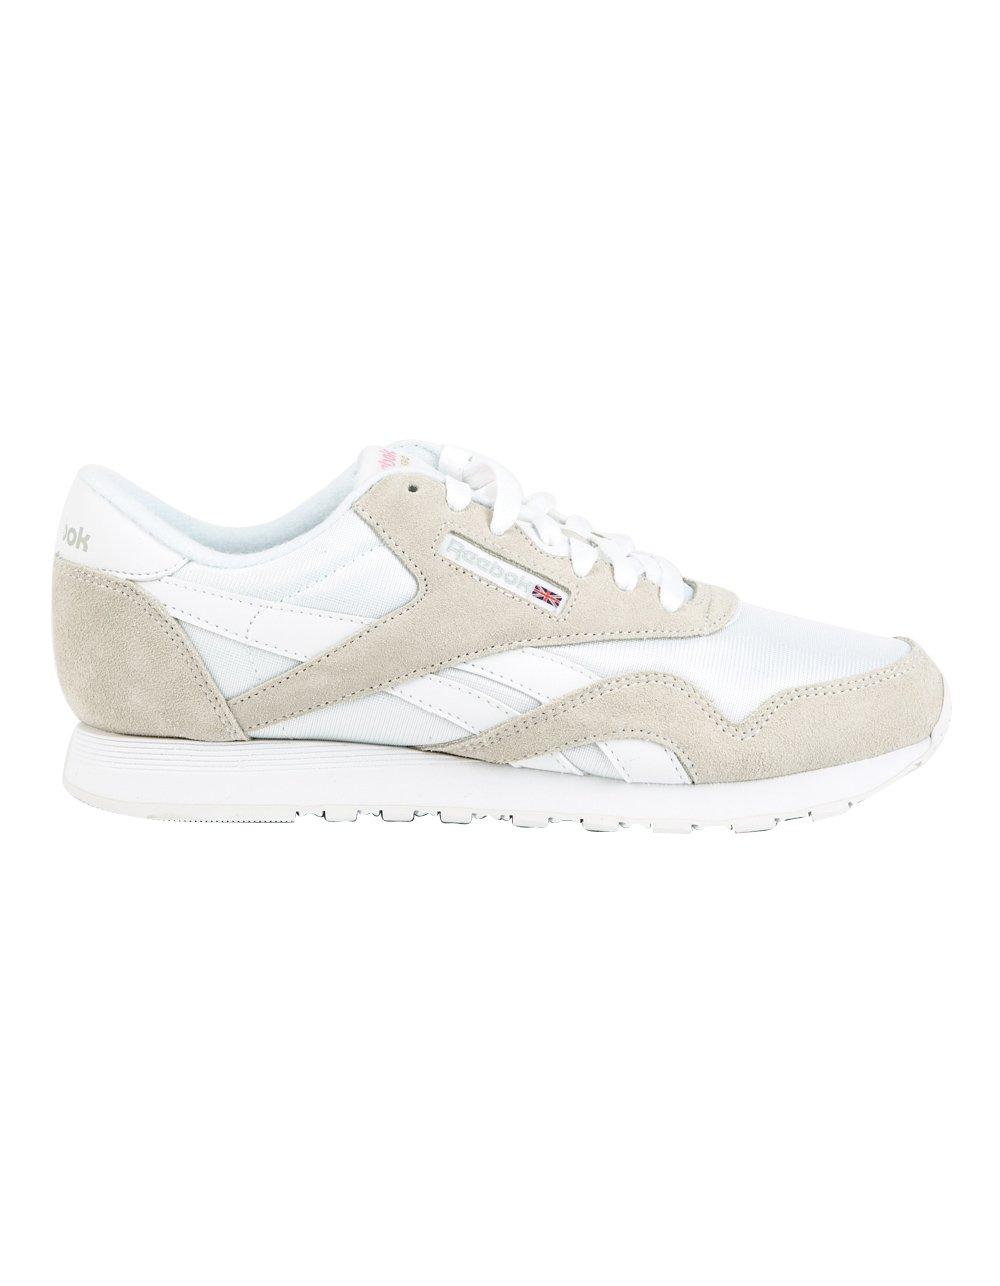 Reebok Zapatillas 8 B(M) US|Blanco-gris Claro Venta de calzado deportivo de moda en línea